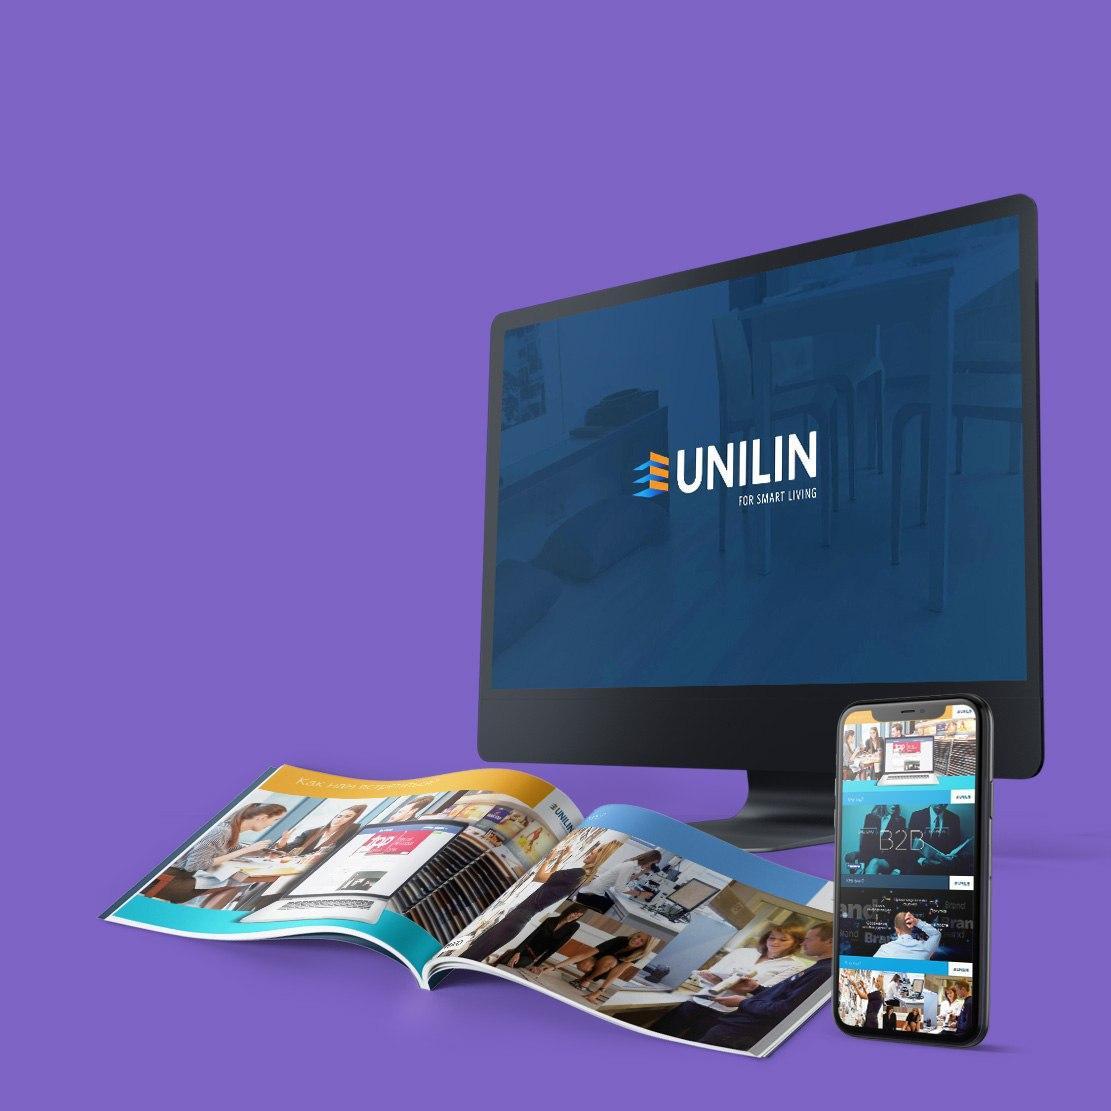 Подготовка компании Unilin для выступления перед дистрибьютерами